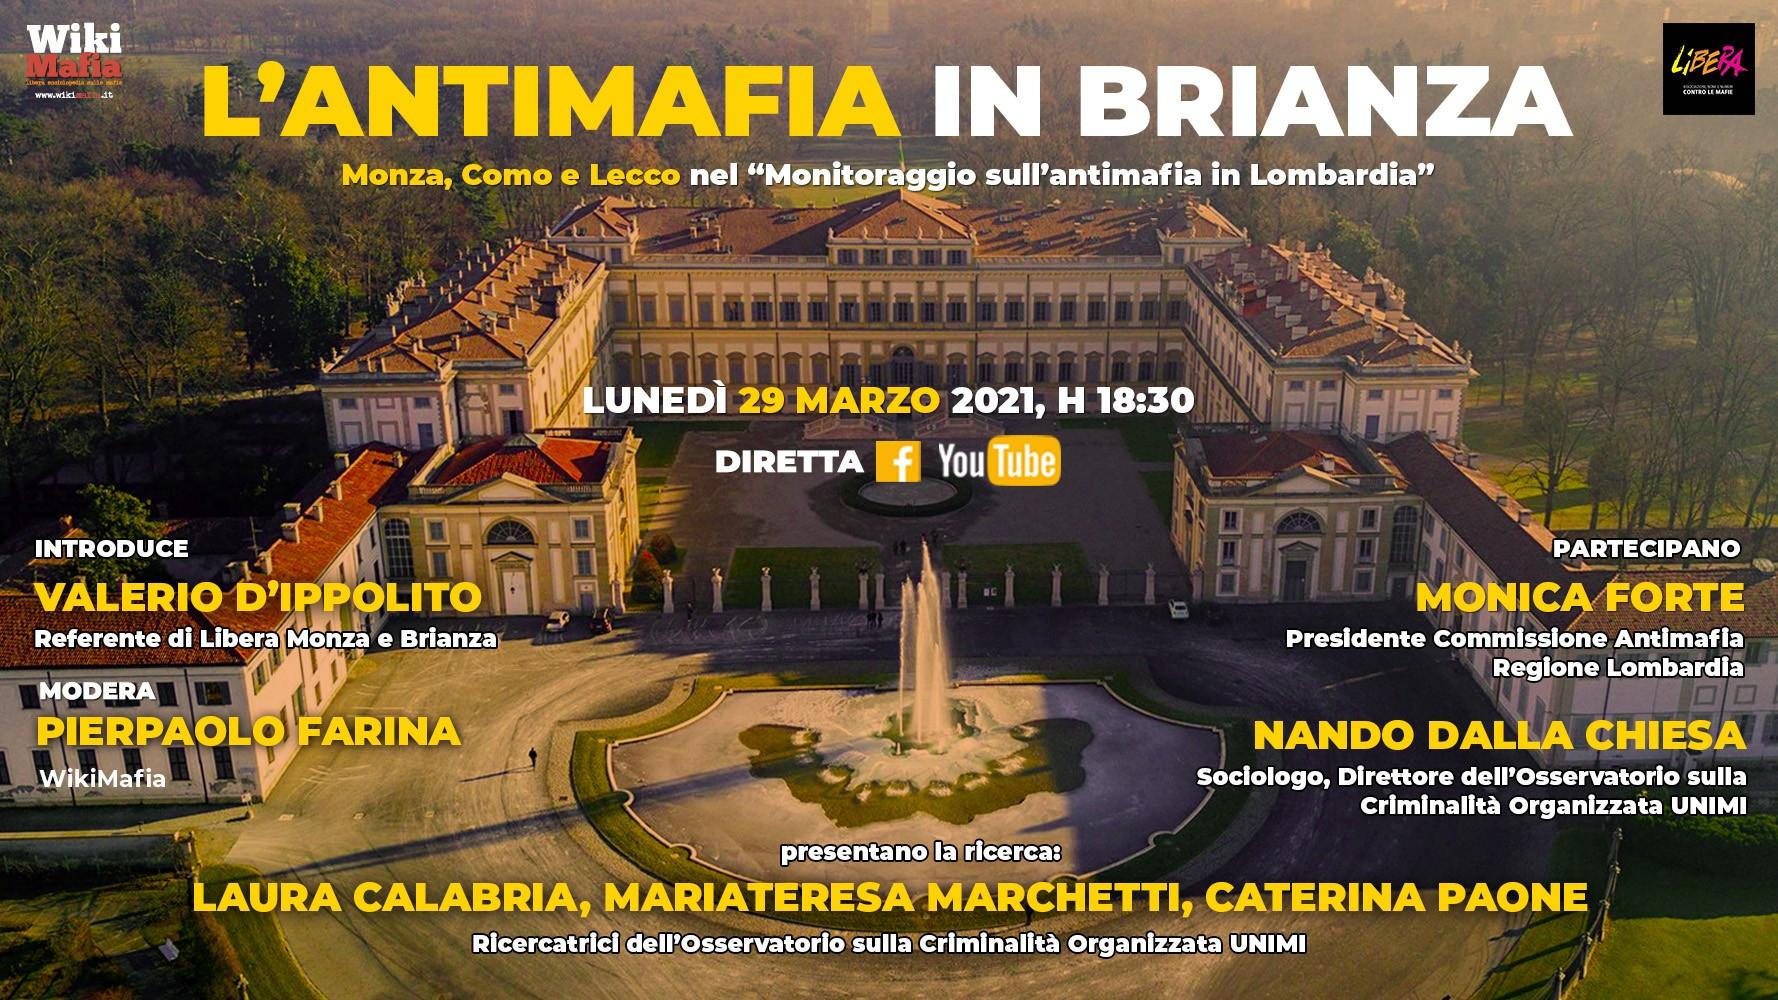 Antimafia in Brianza WikiMafia Libera